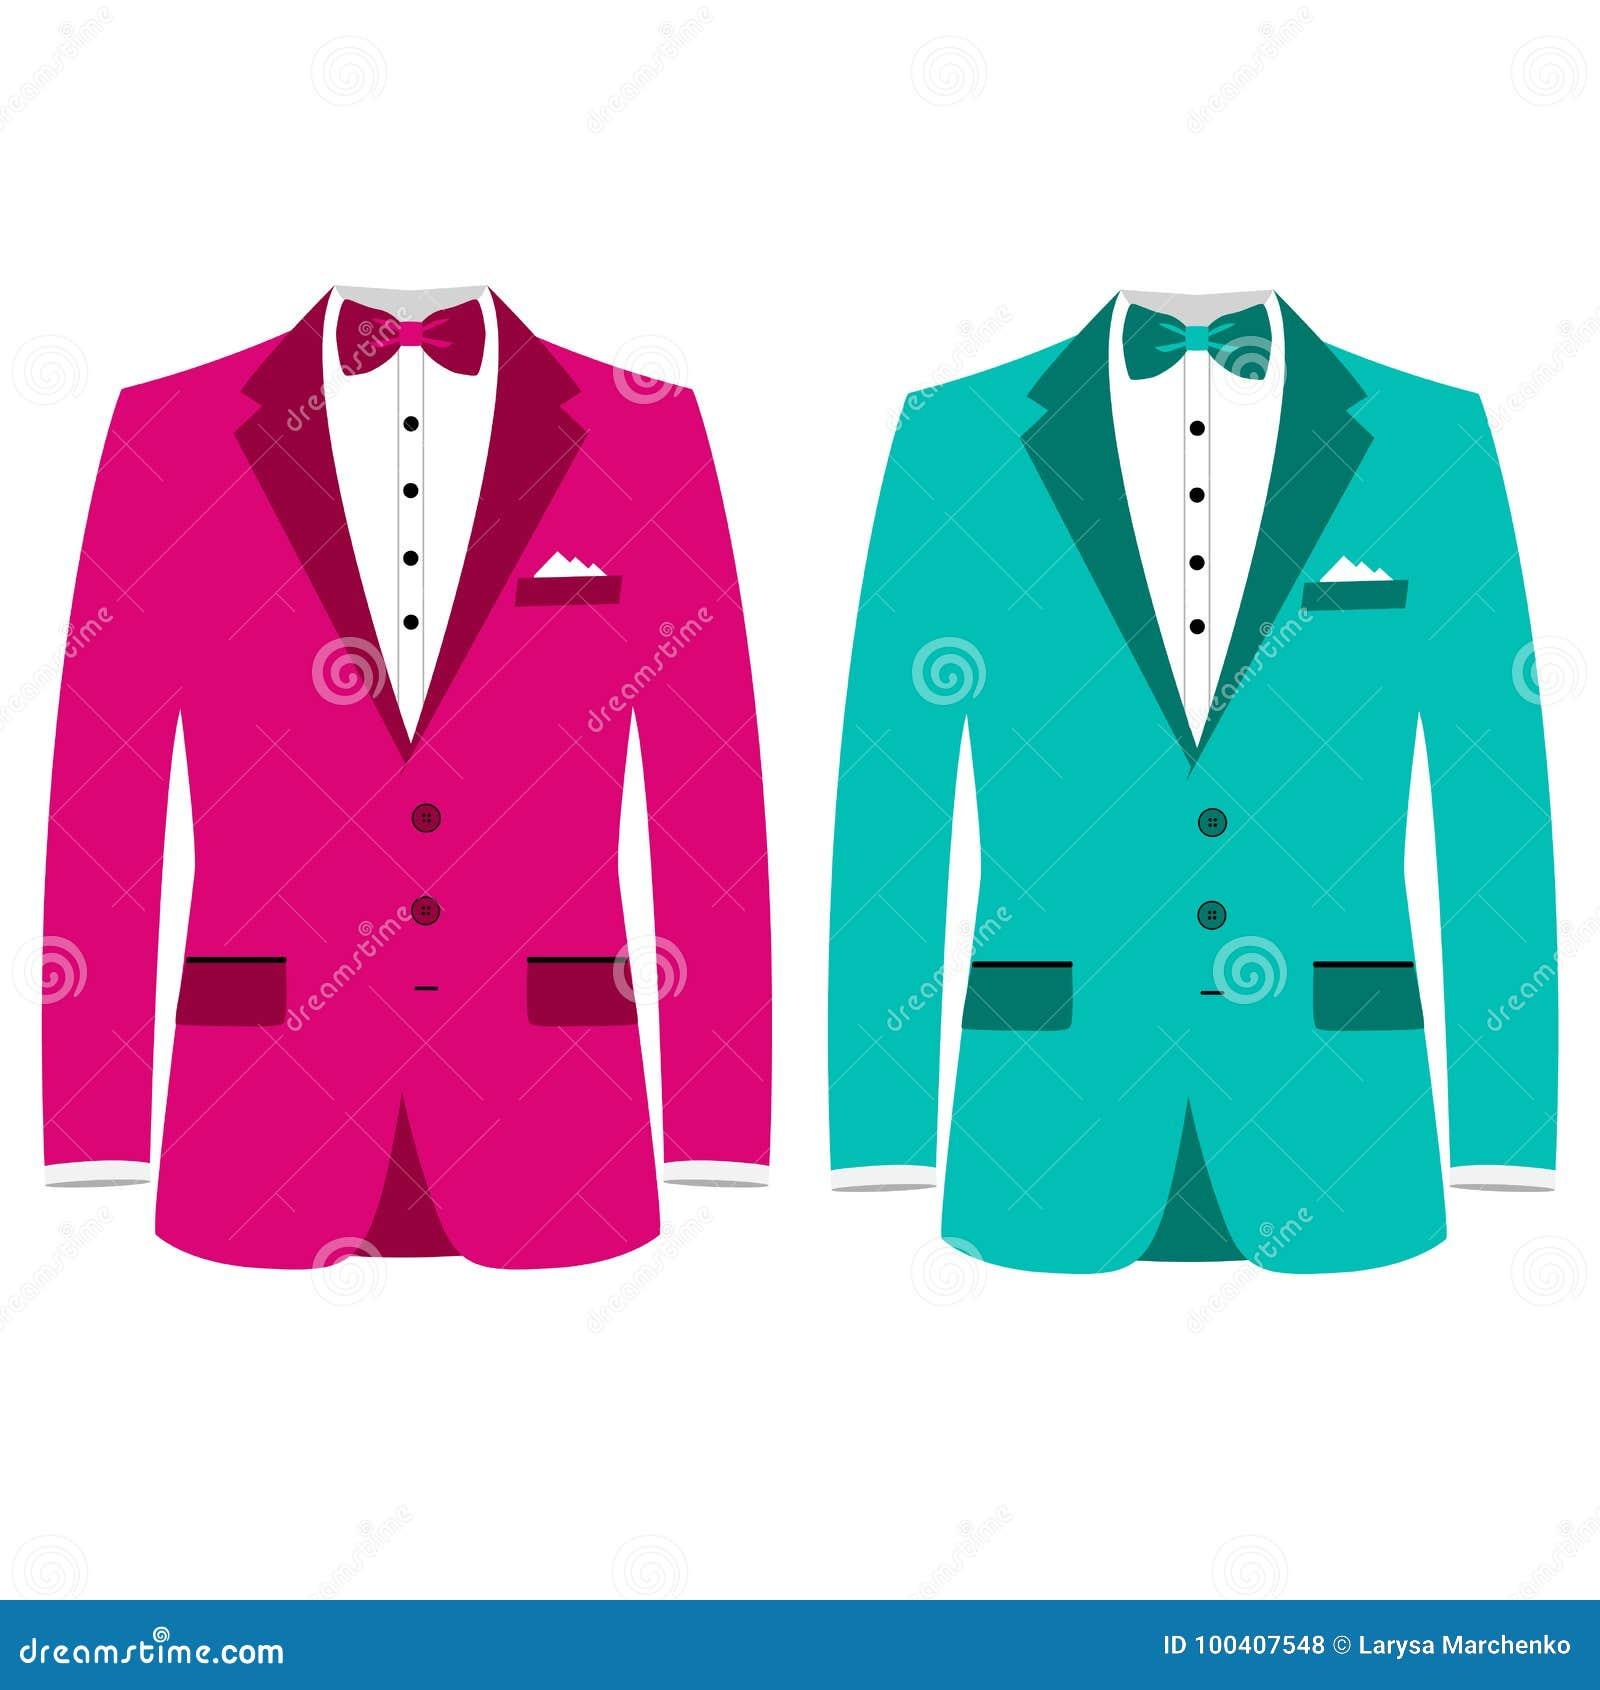 Único Moss Wedding Suit Imagen - Colección de Vestidos de Boda ...